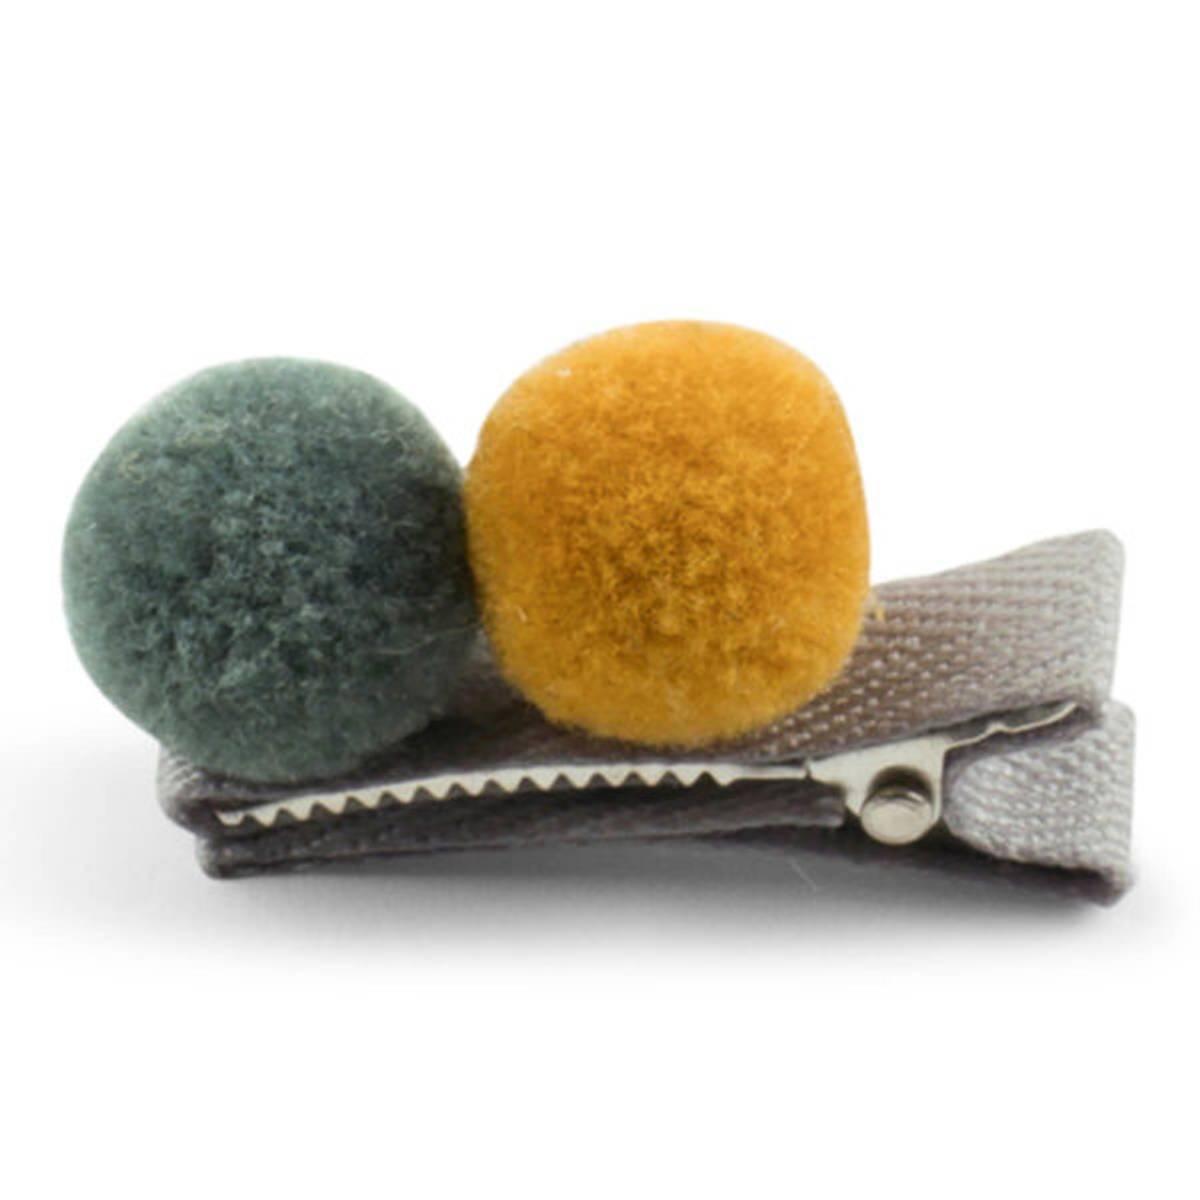 Lillelam hårspenne 2 pompom- oker og grønn